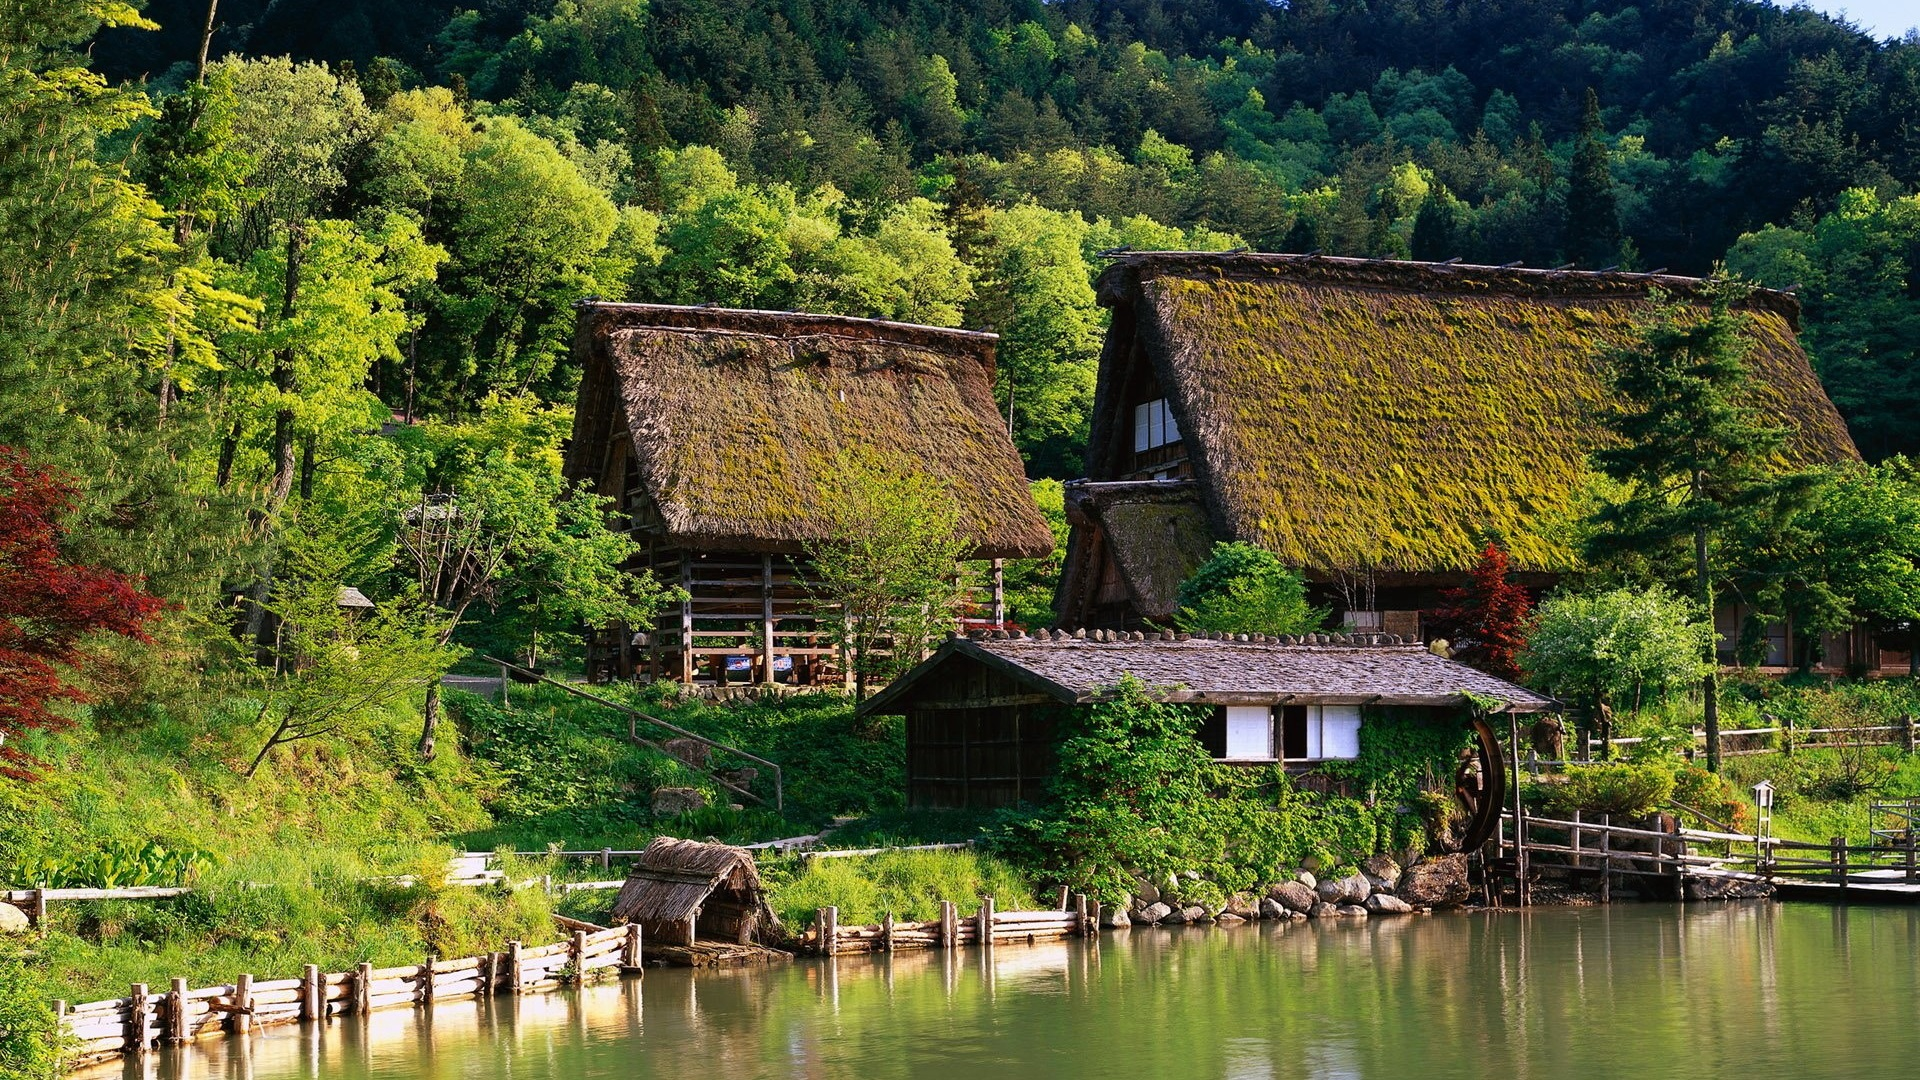 Fonds d 39 cran t l charger 1920x1080 japon maisons ferme for House image hd